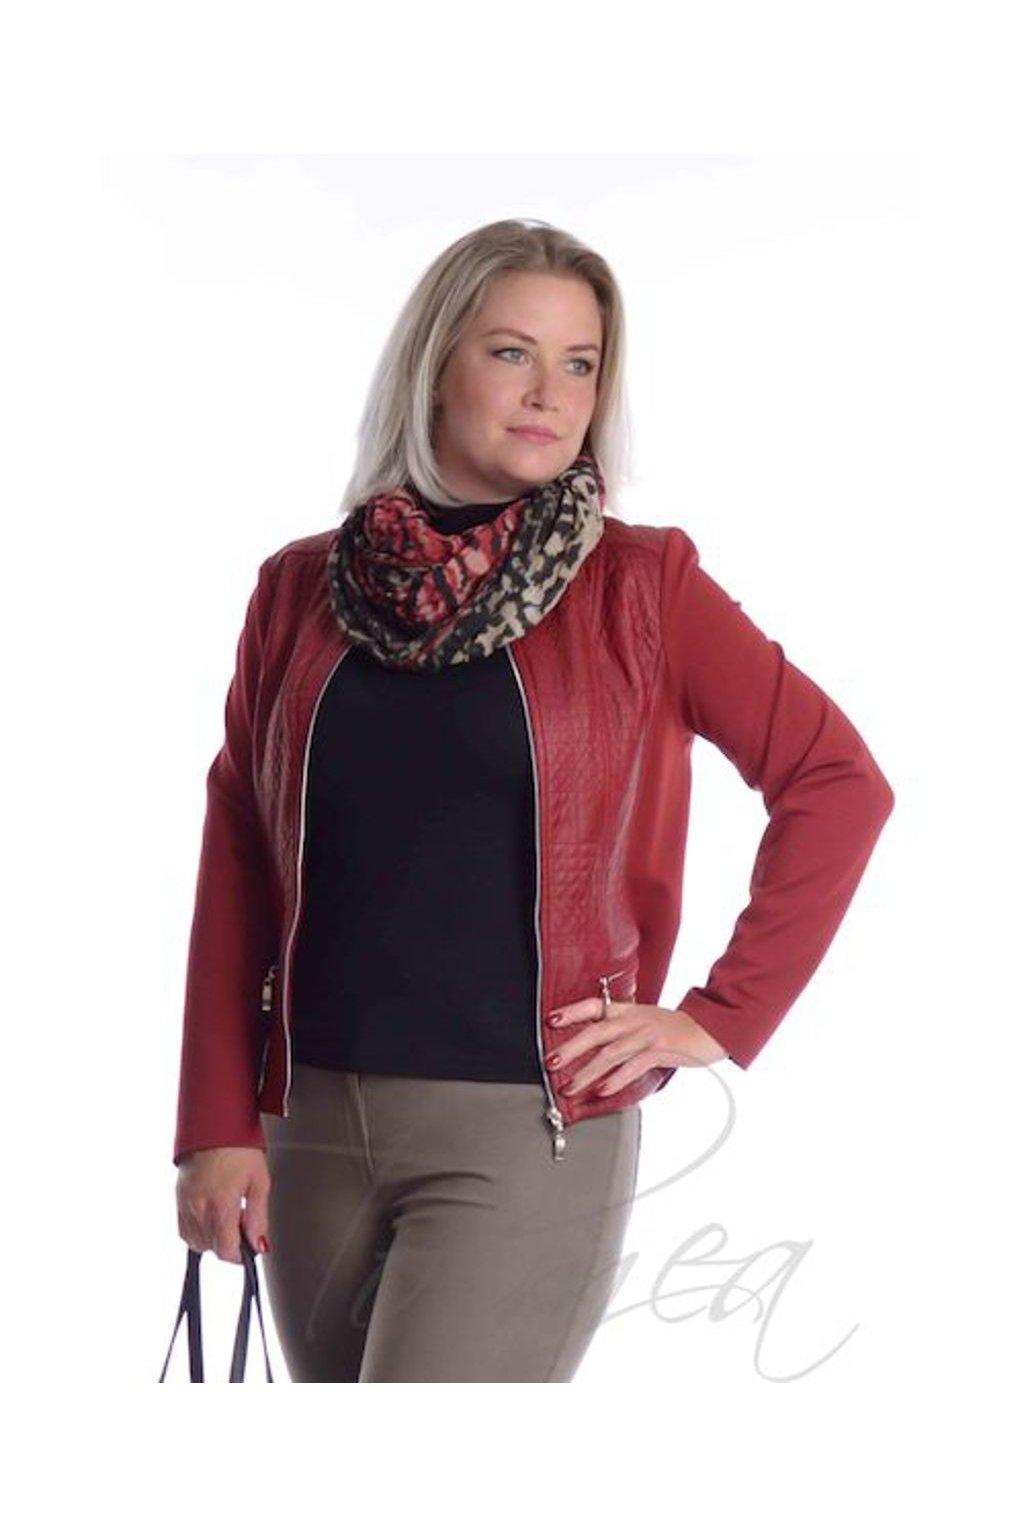 Bundička koženka zipy 5718 červená (Velikost 36, Barva Červená)